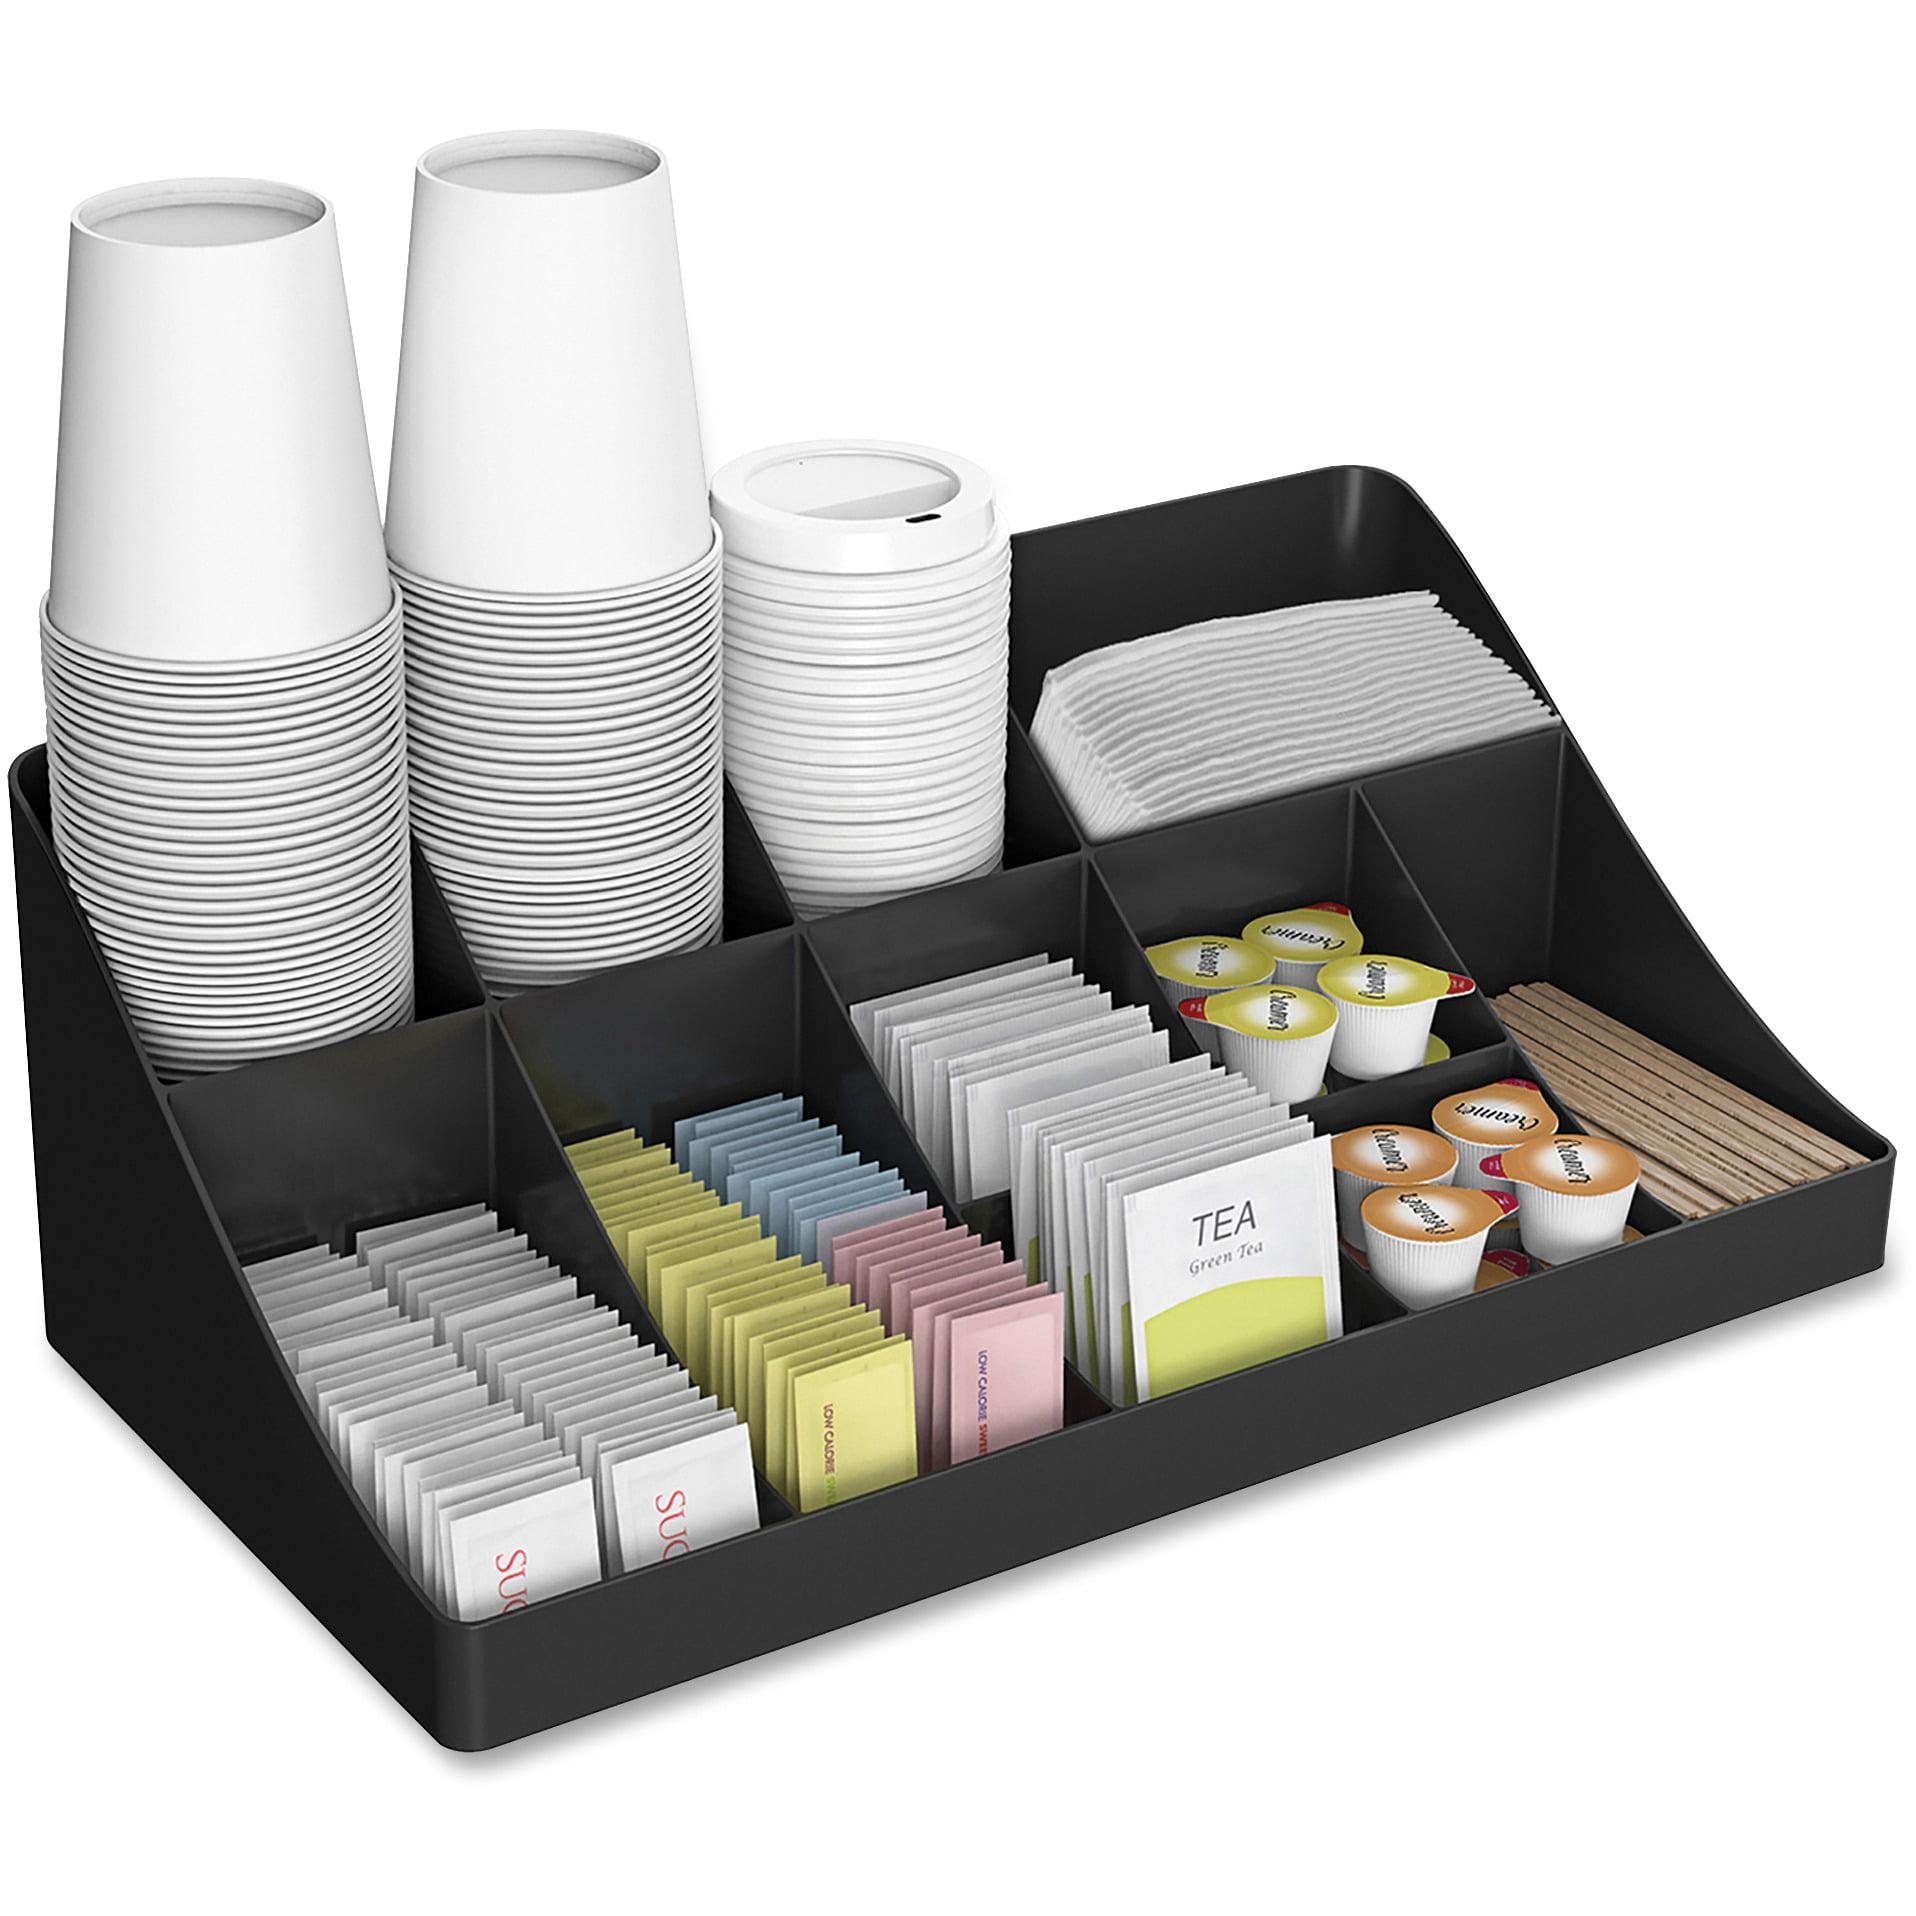 Mind Reader 11 Compartment 2 Tier Breakroom, Kitchen Coffee/ Tea Condiment Storage Organizer, Black